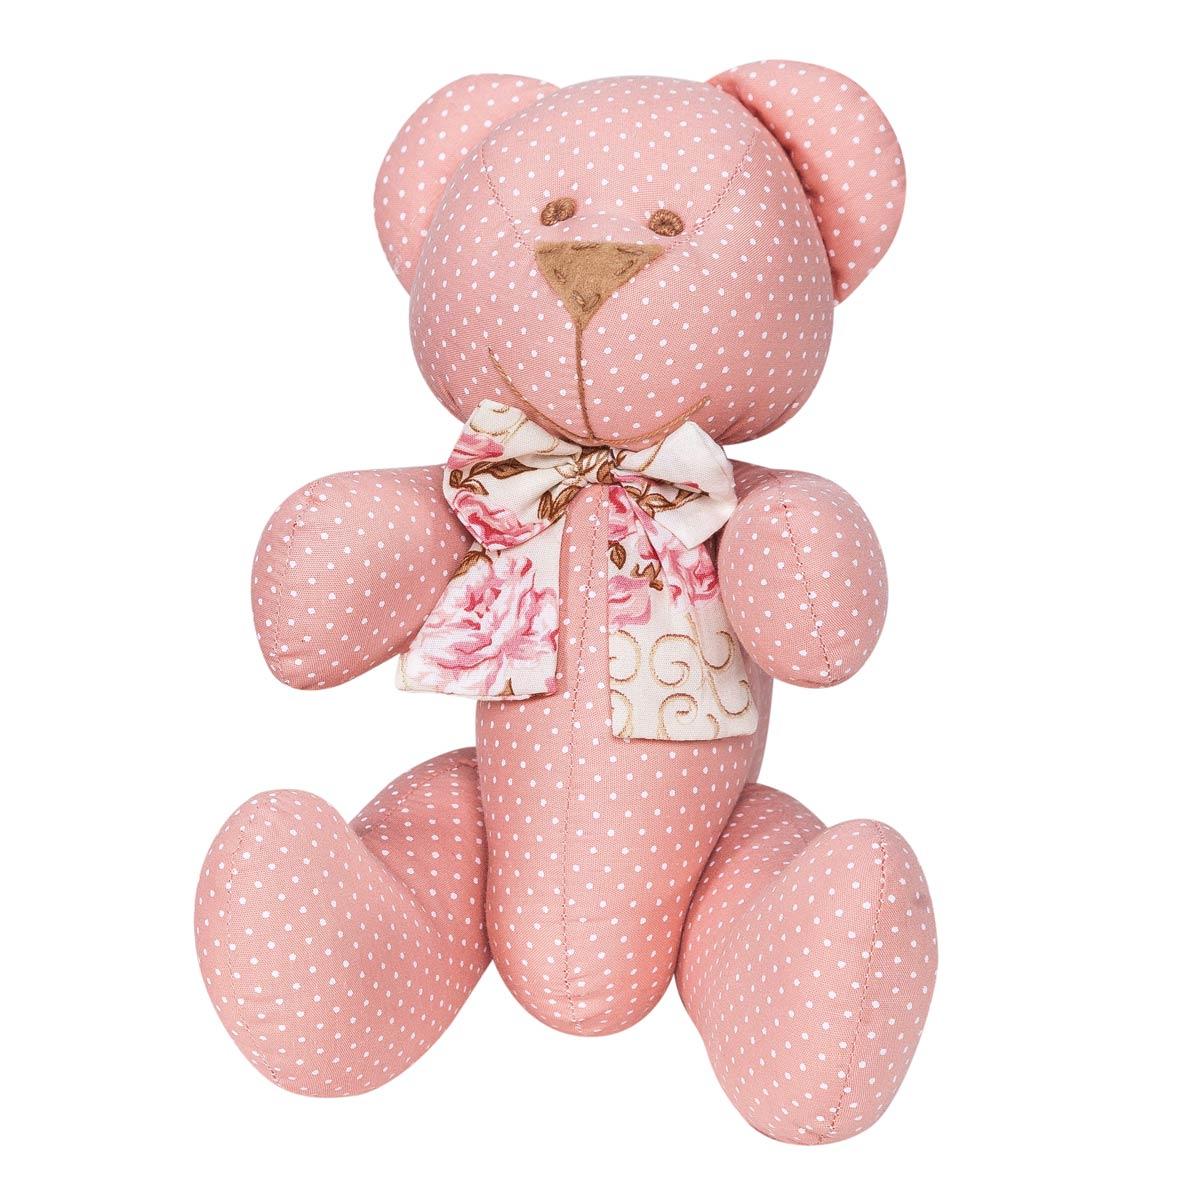 Enfeite Decorativo Urso G - Coleção Ursa Naná - 30cm